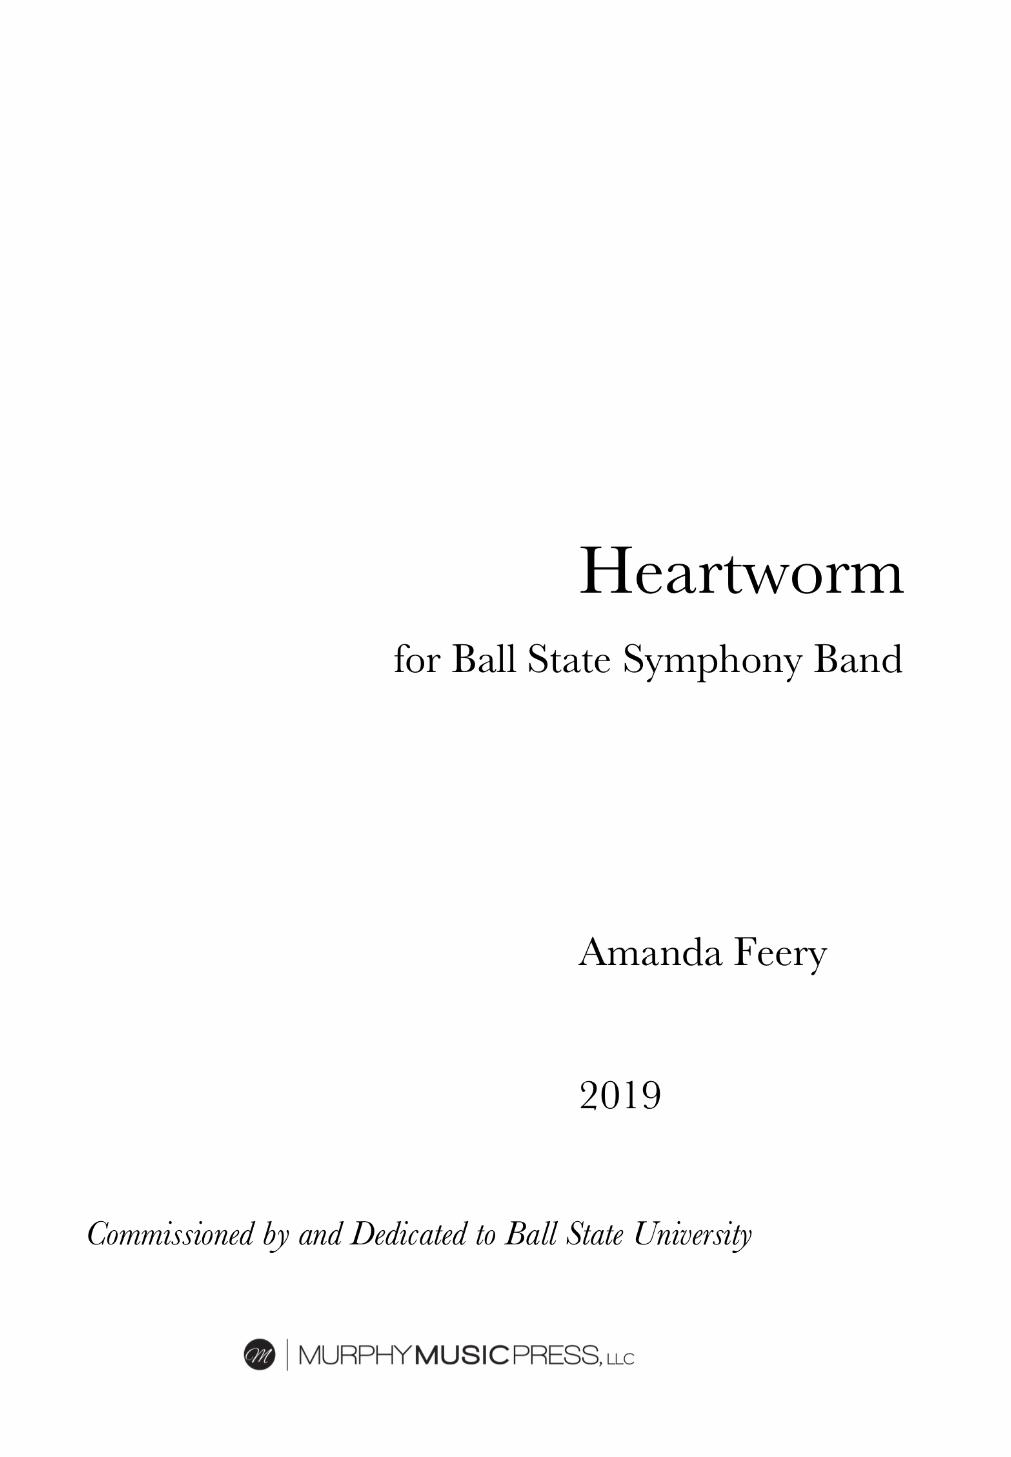 Heartworm by Amanda Feery